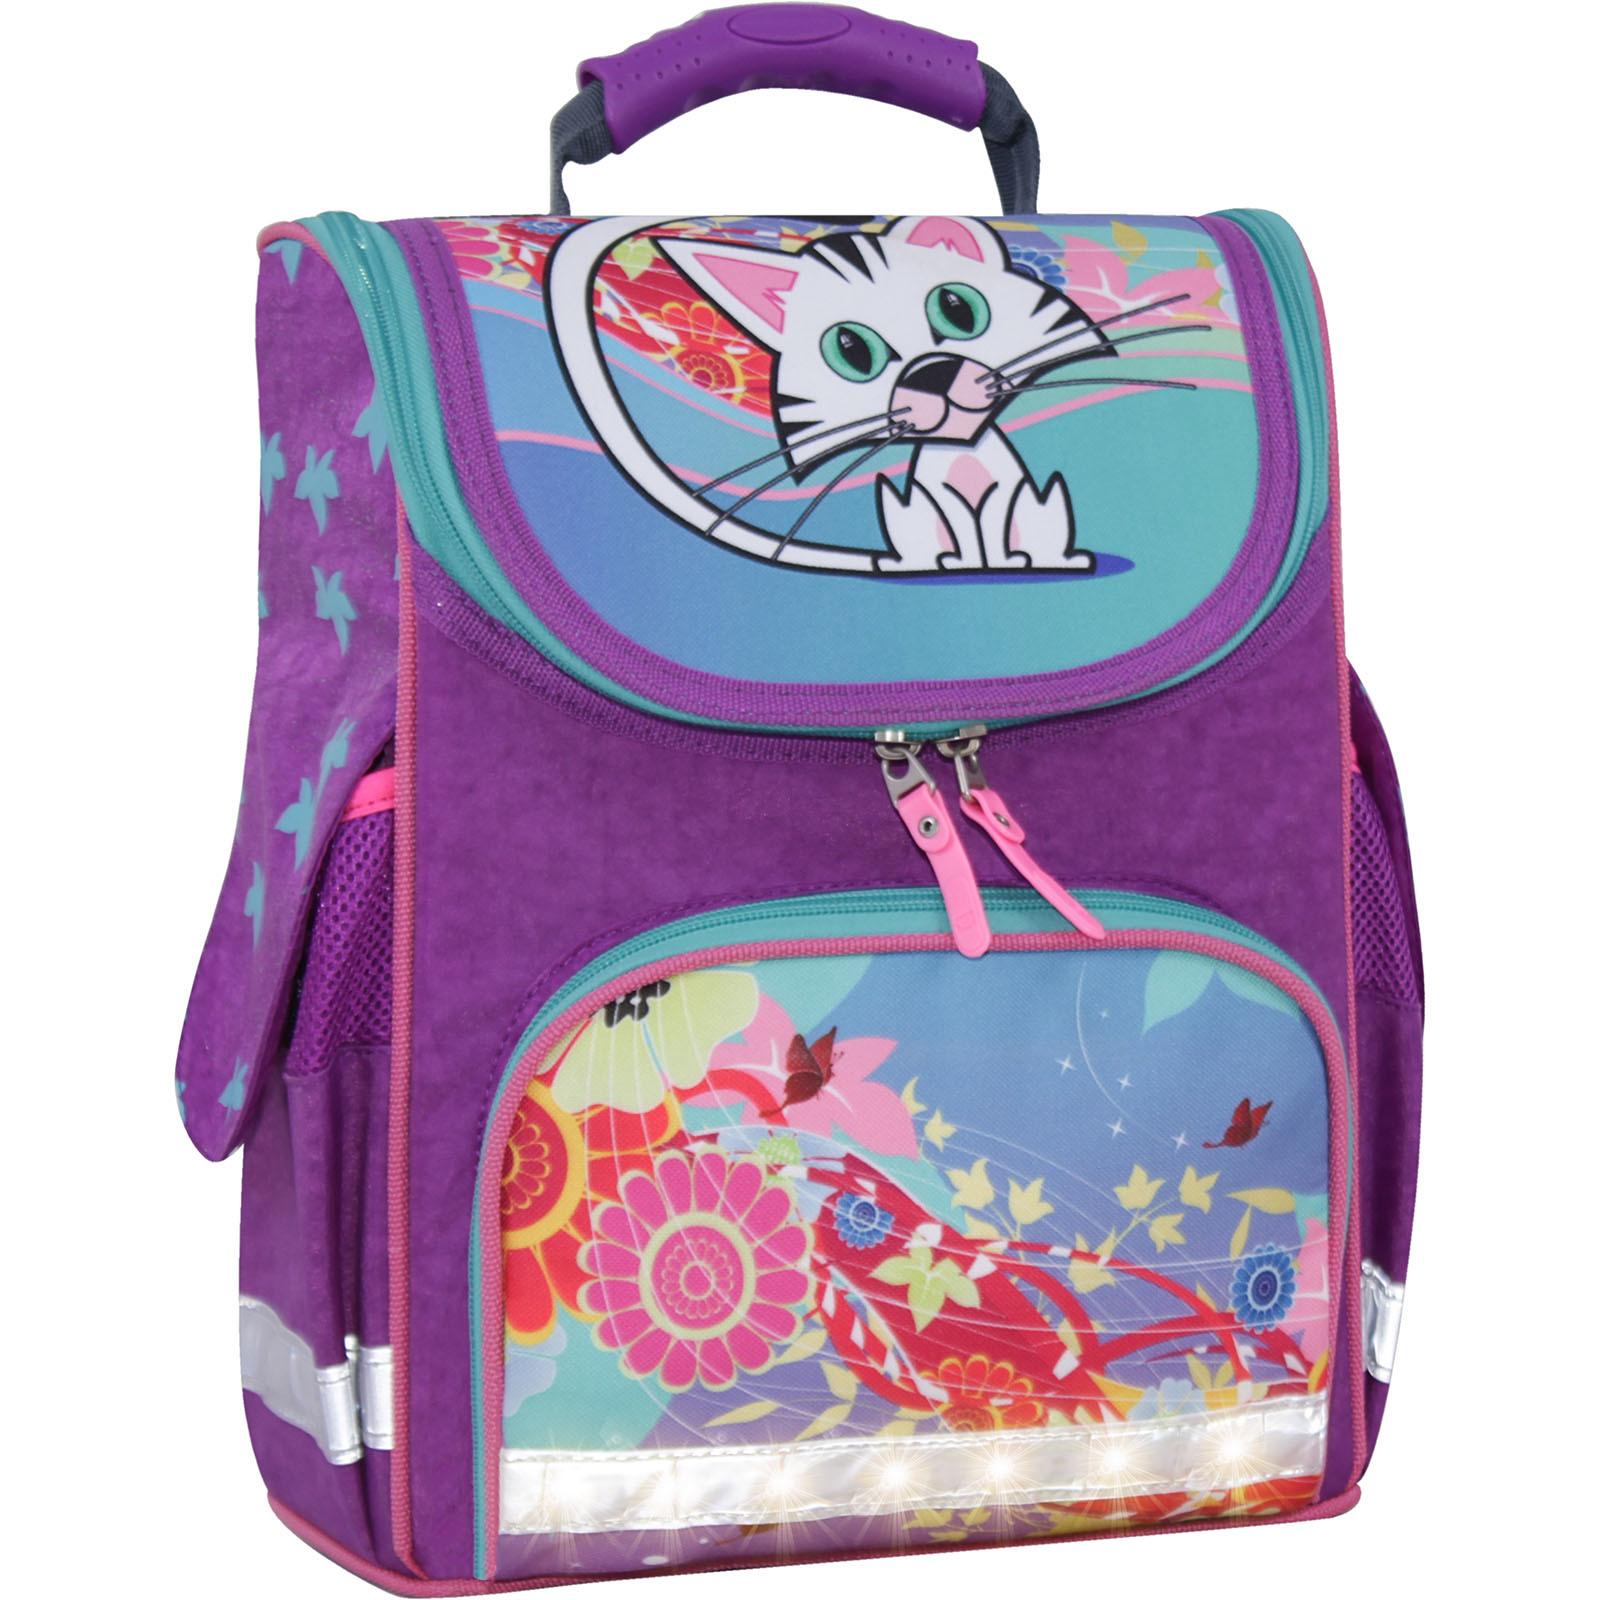 Школьные рюкзаки Рюкзак школьный каркасный с фонариками Bagland Успех 12 л. фиолетовый 502 (00551703) IMG_3869сет.суб502-1600.jpg